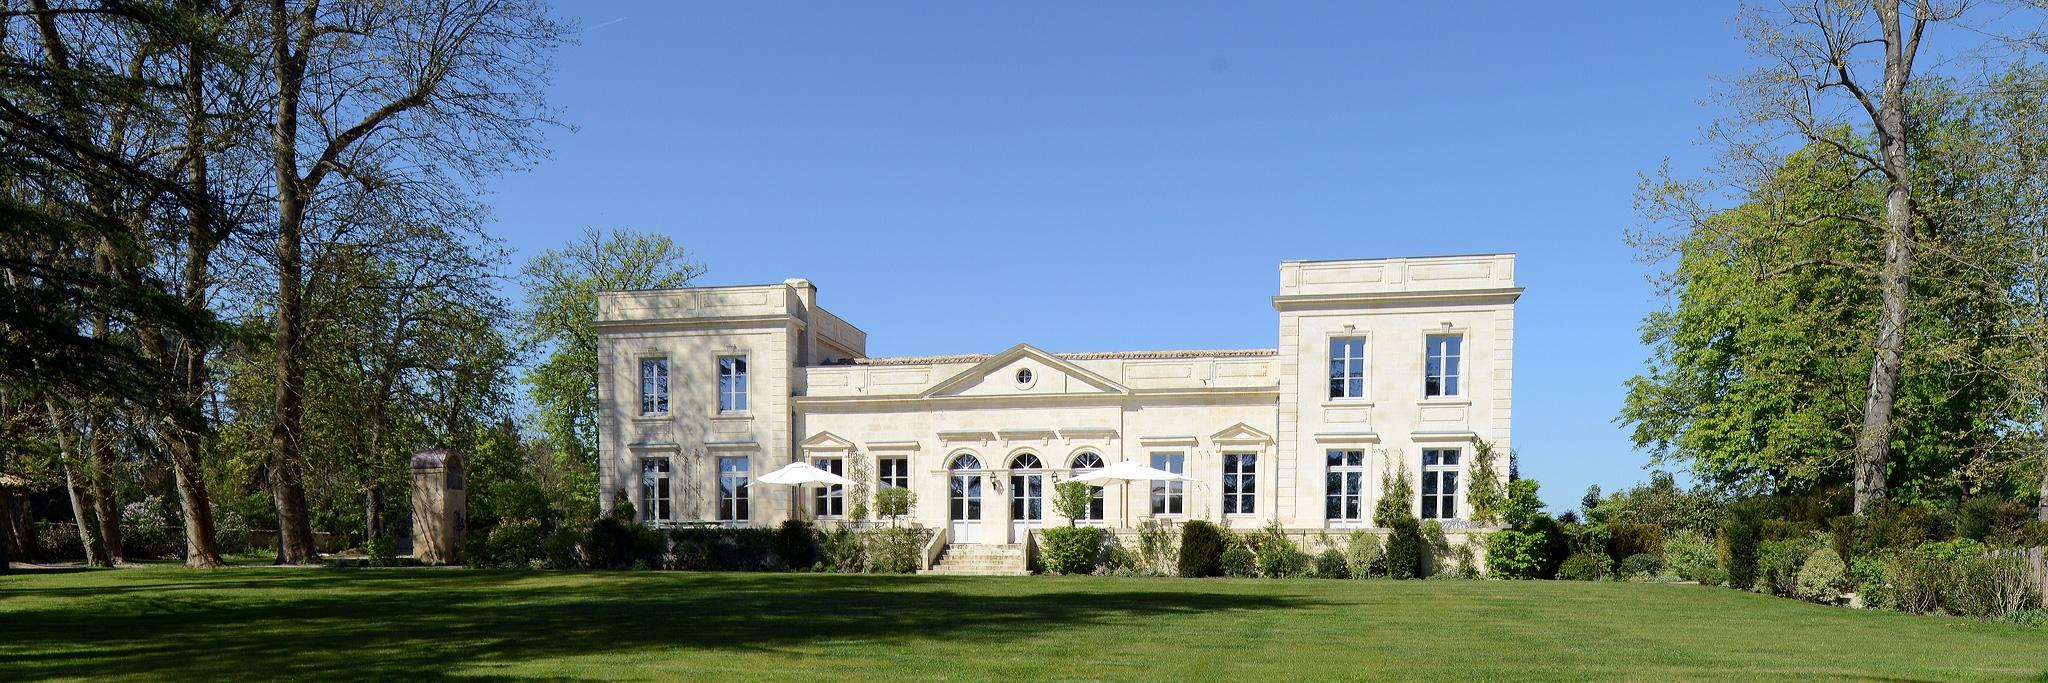 Chateau Le Pape